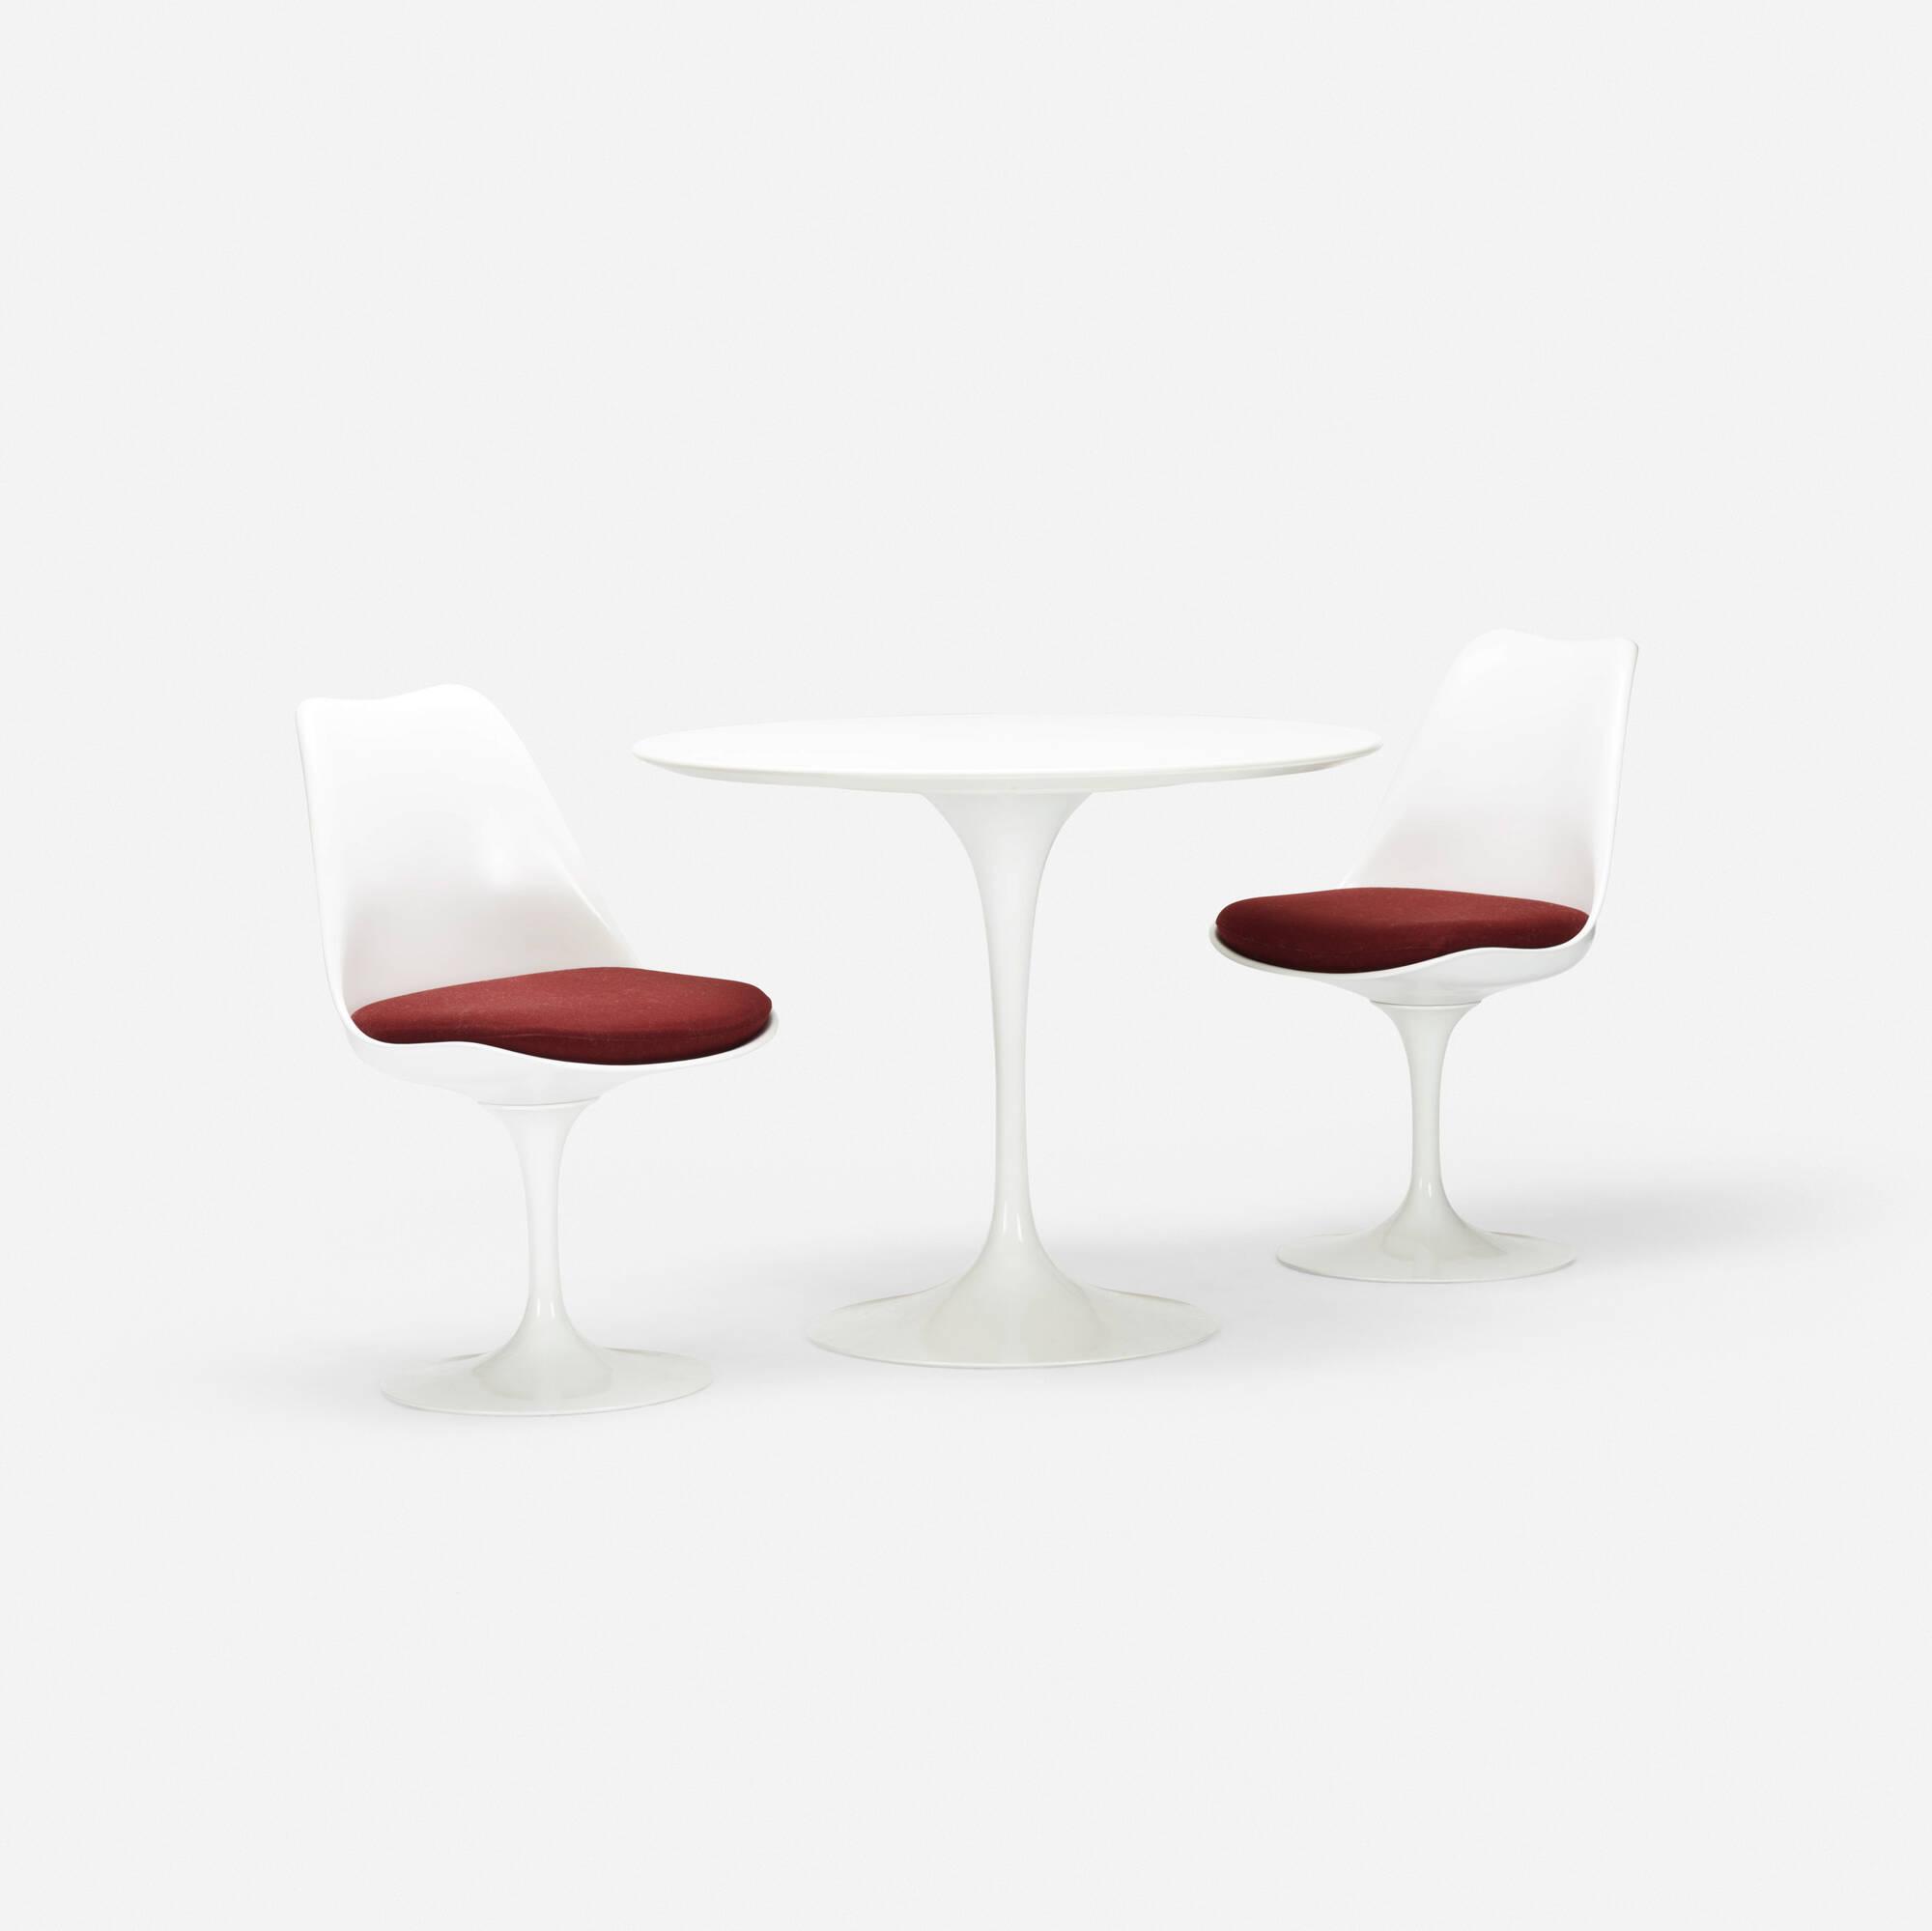 704: Eero Saarinen / dining set (1 of 2)